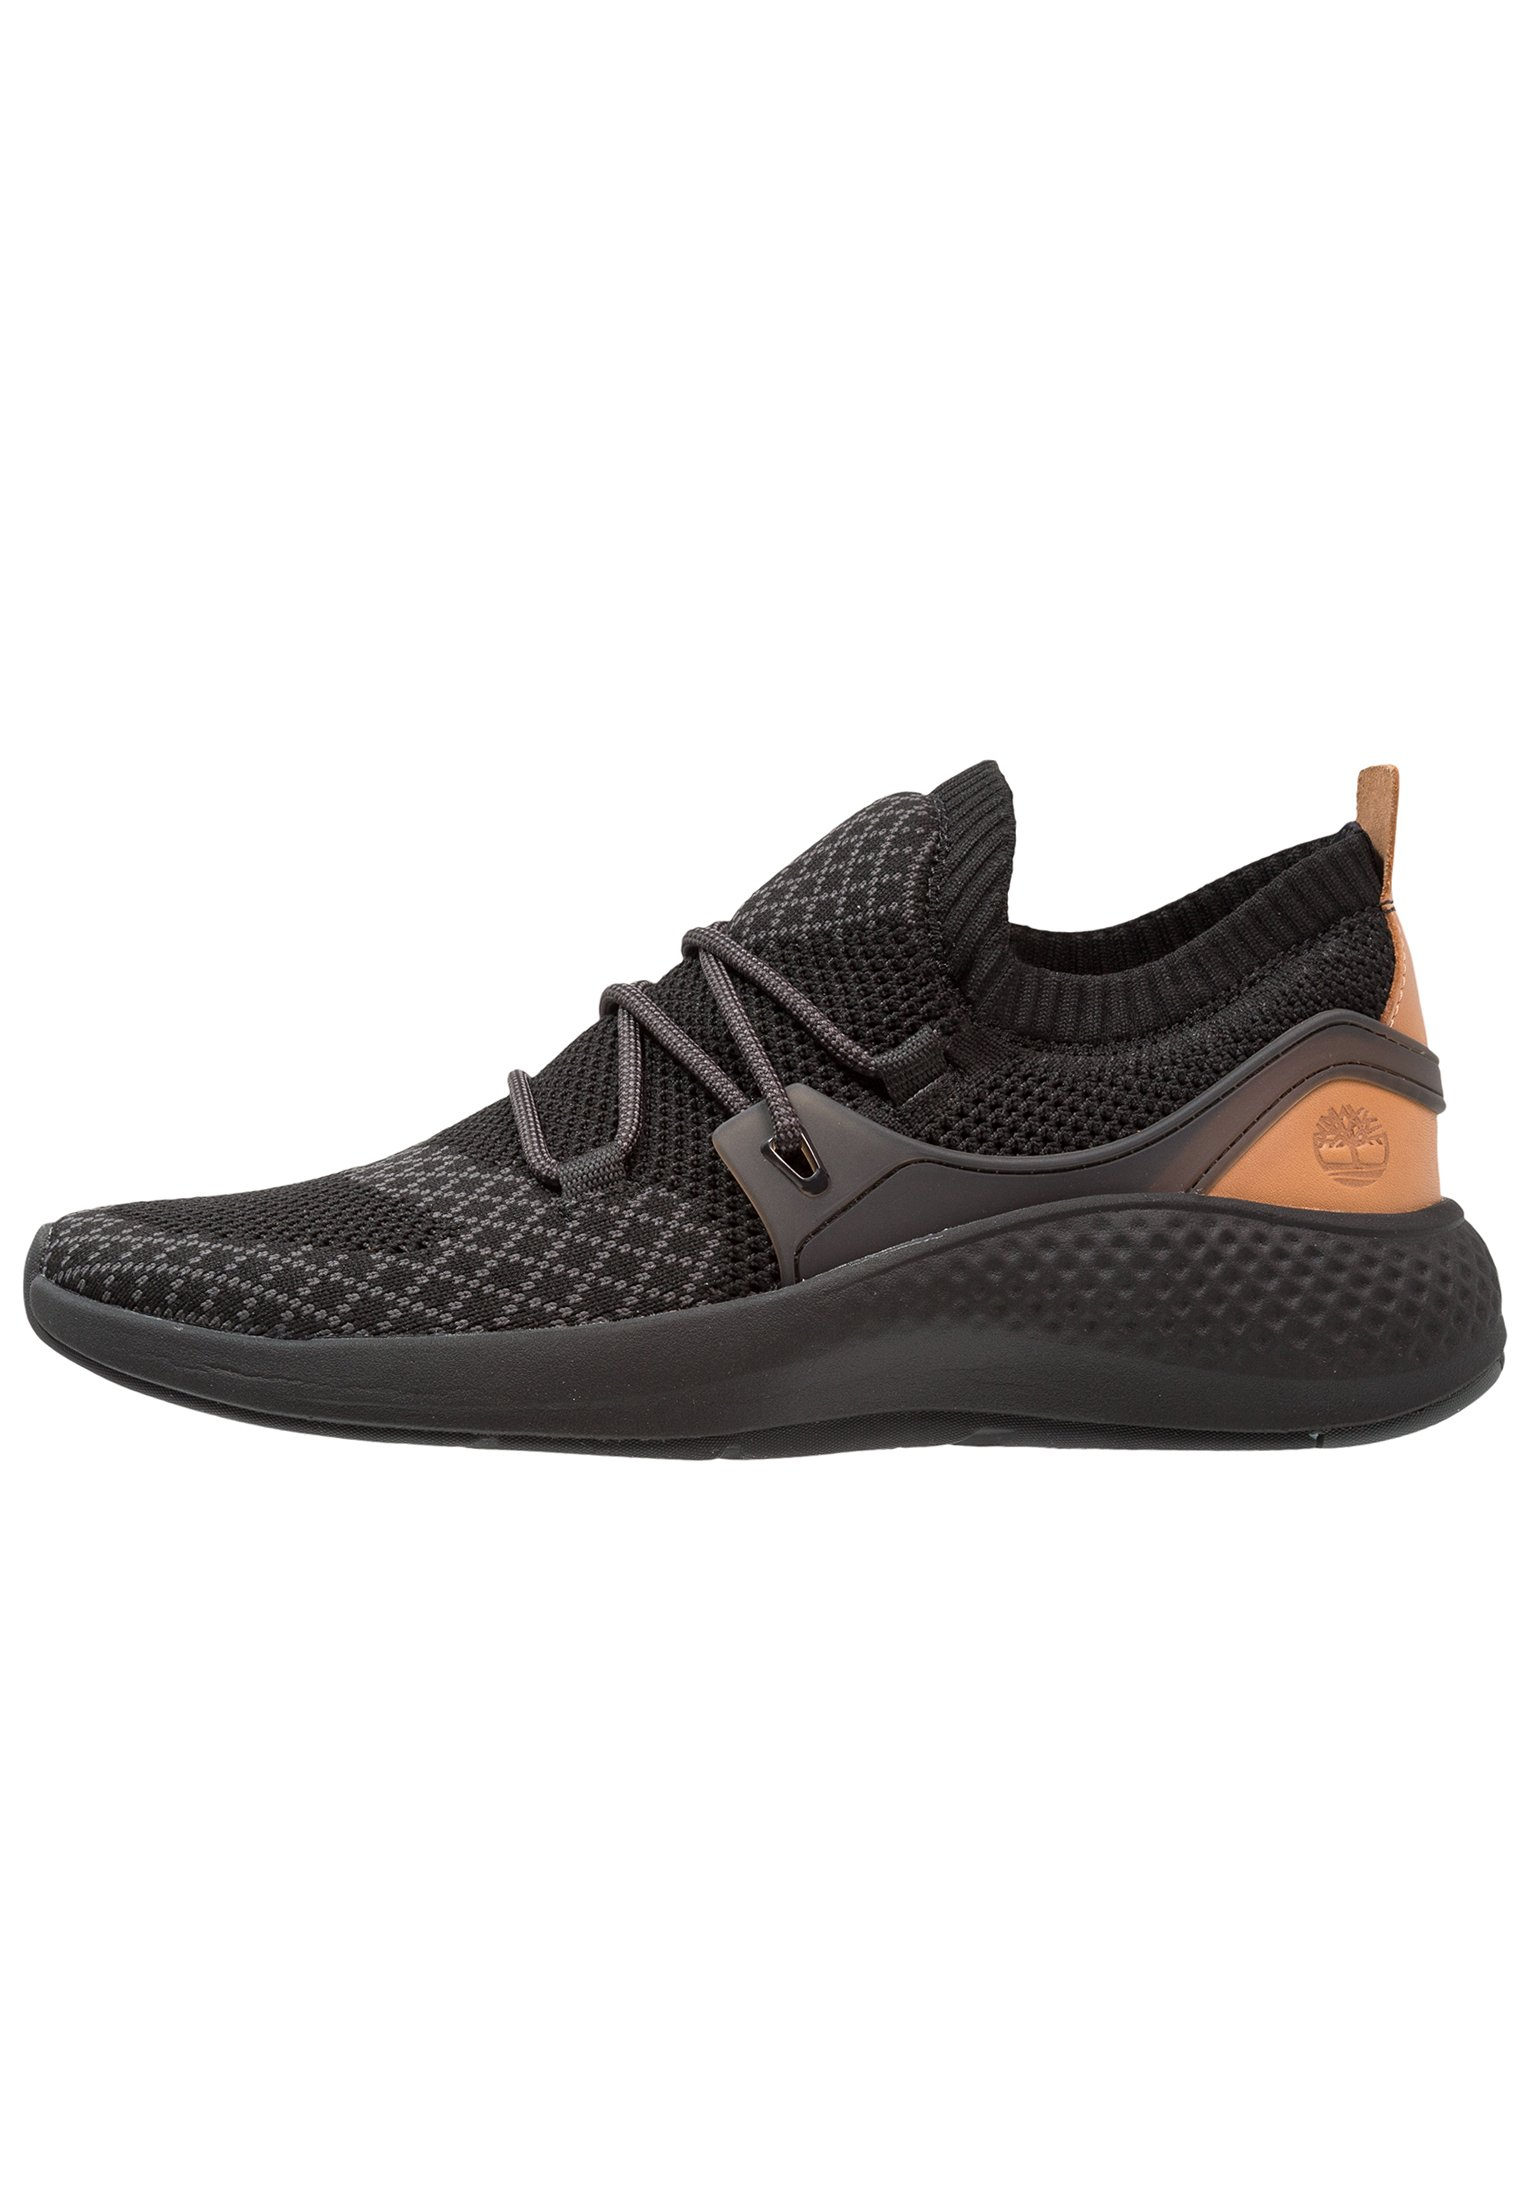 FLYROAM GO KNIT OXFORD Sneaker low jet black